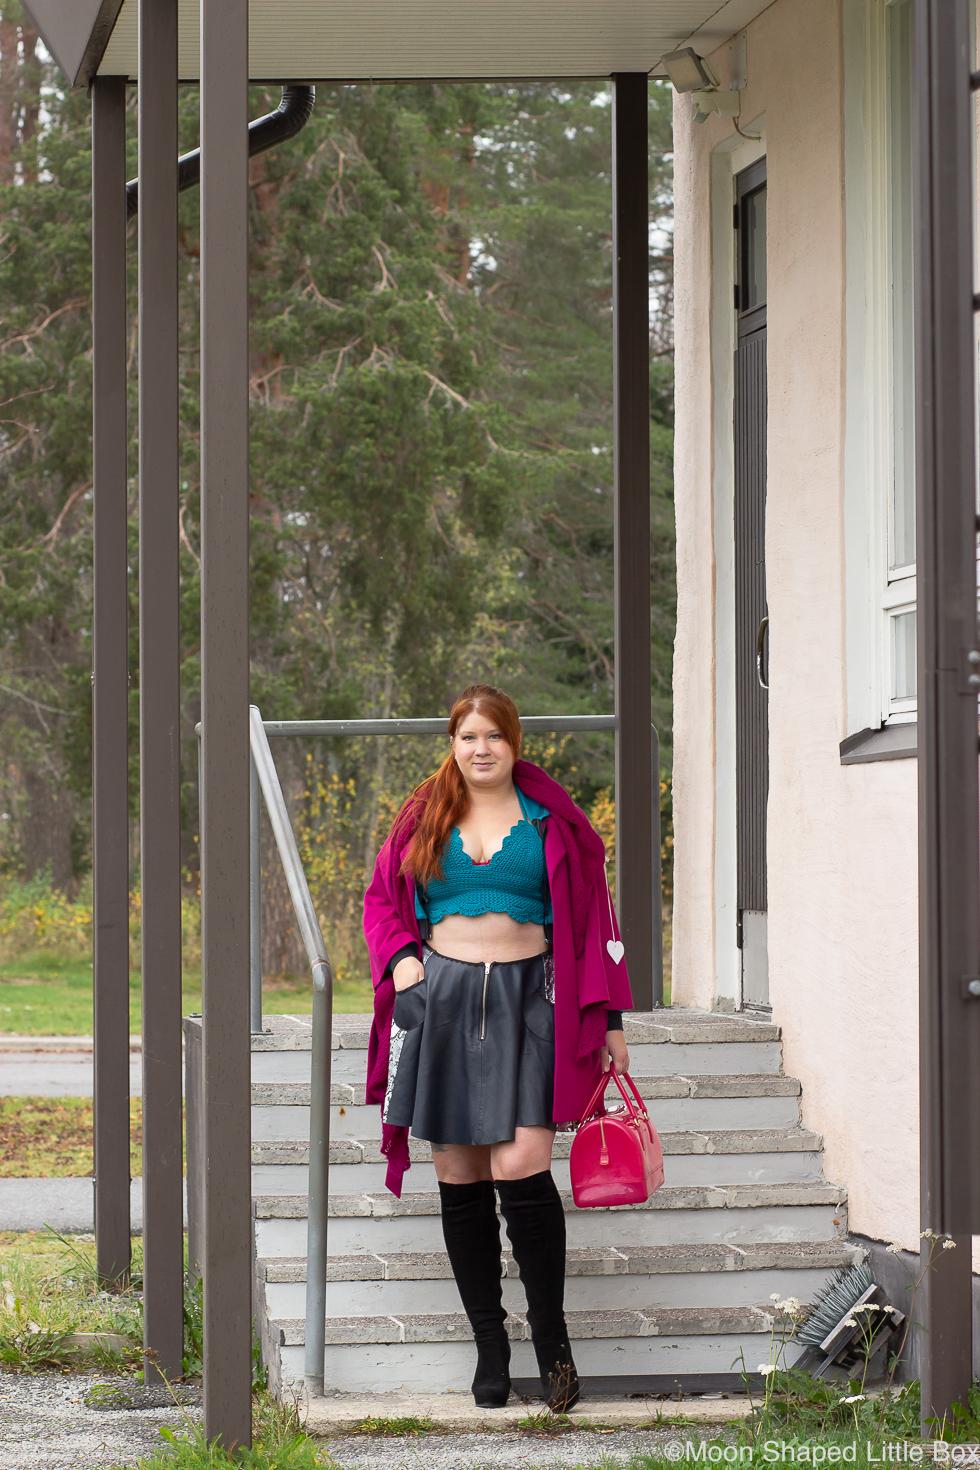 Asu-tyyliblogiin-varikkaalla-takilla